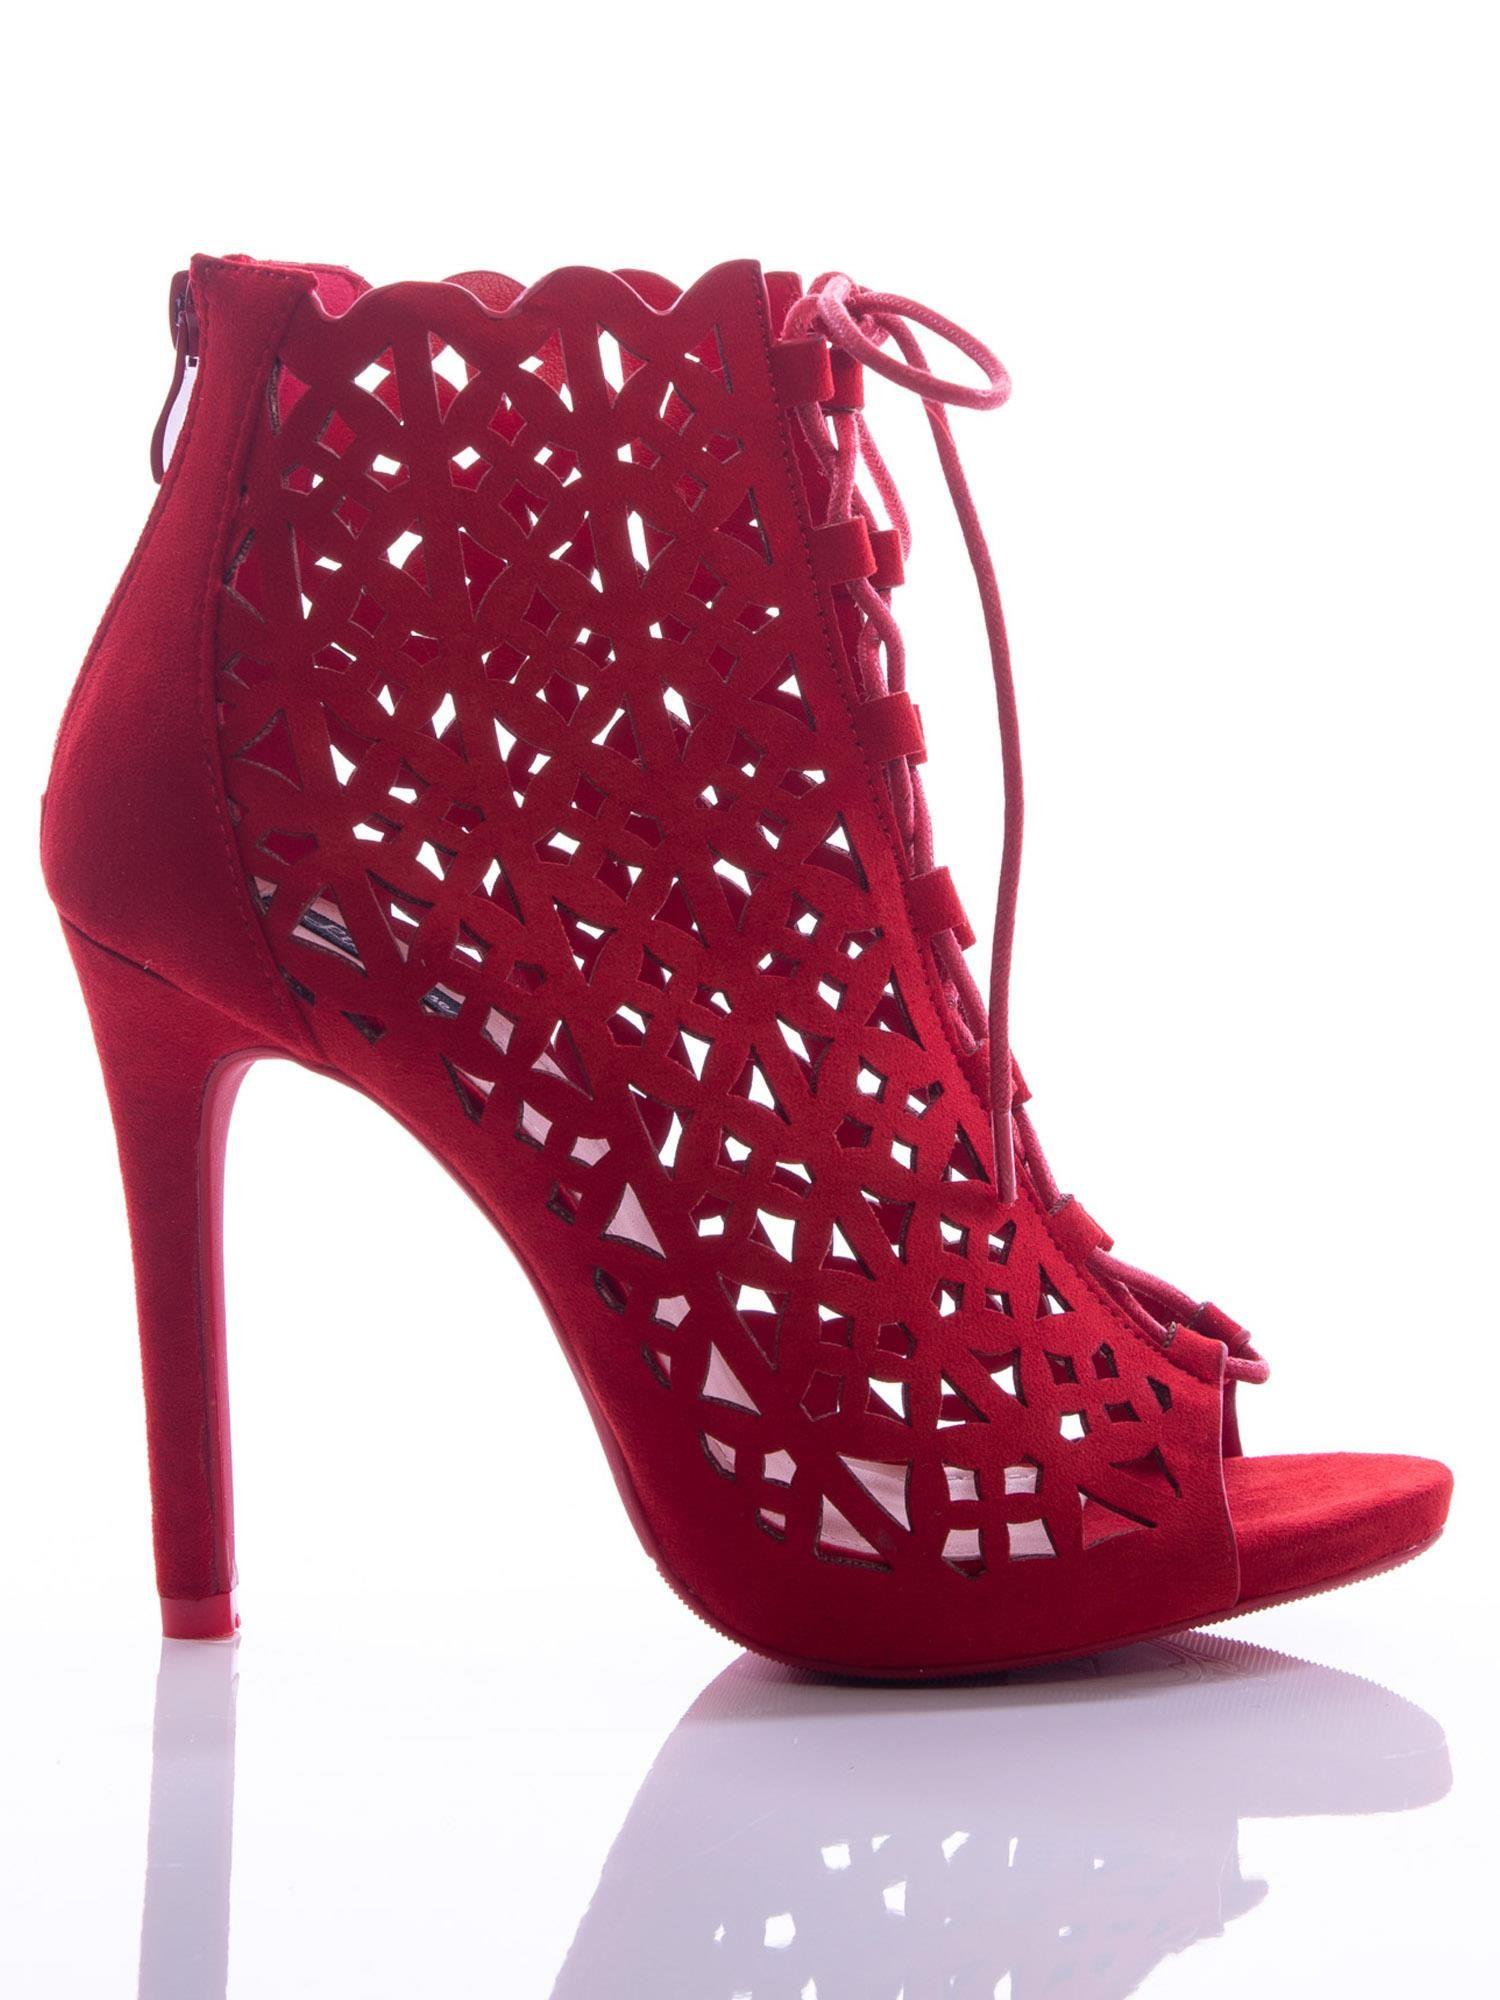 6be65c1f528f8 Czerwone ażurowe botki z ozdobnym sznurowaniem na szpilkach - Buty ...